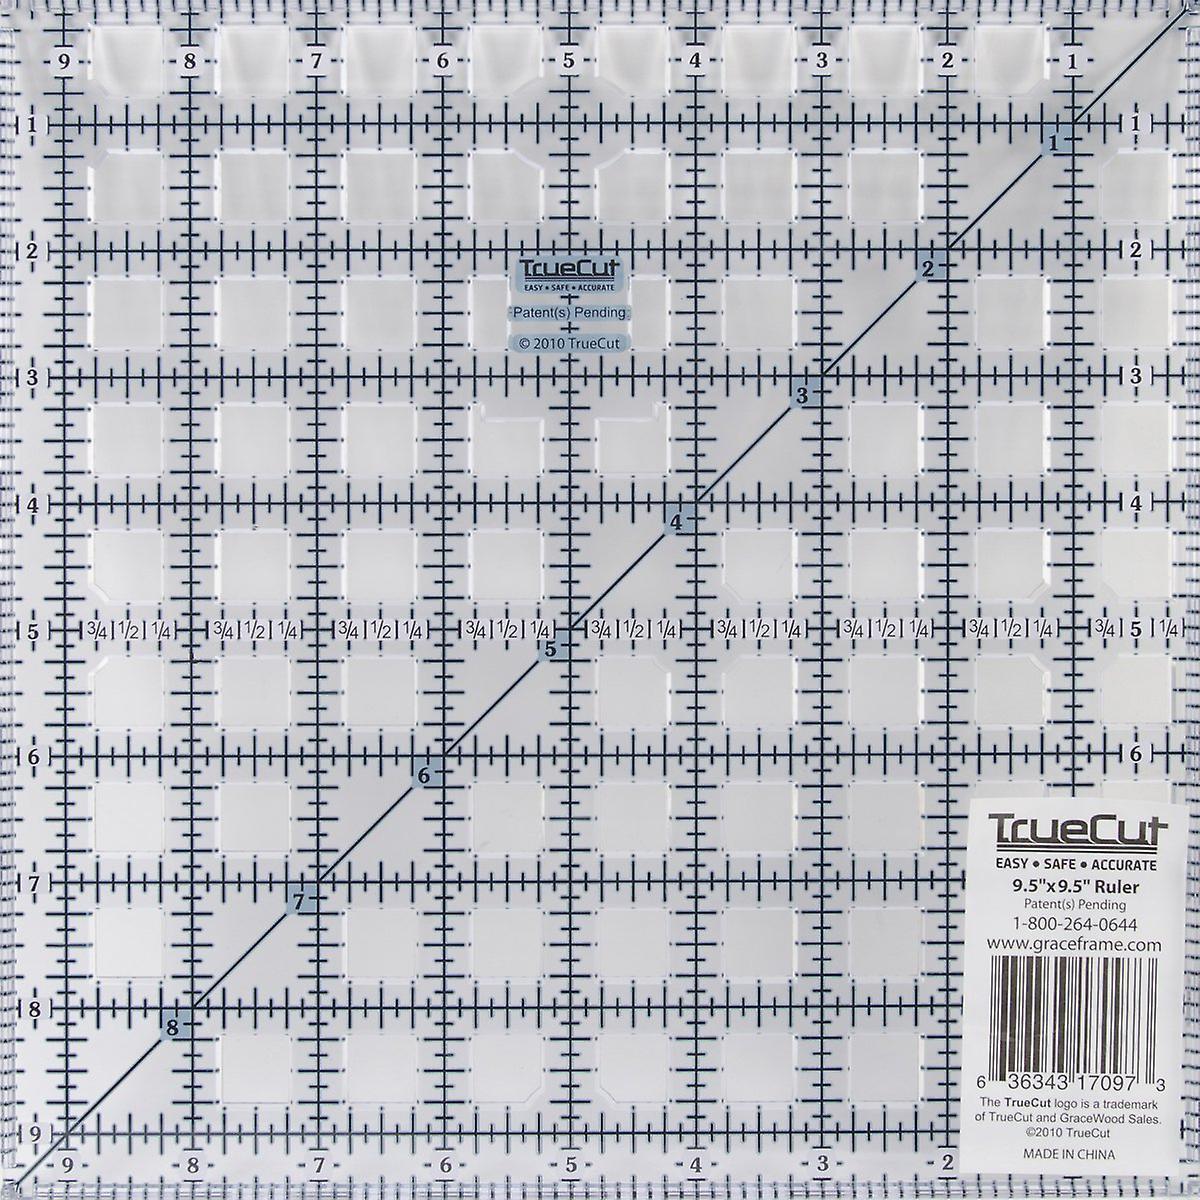 TrueCut Ruler-9-1 2& 034;X9-1 2